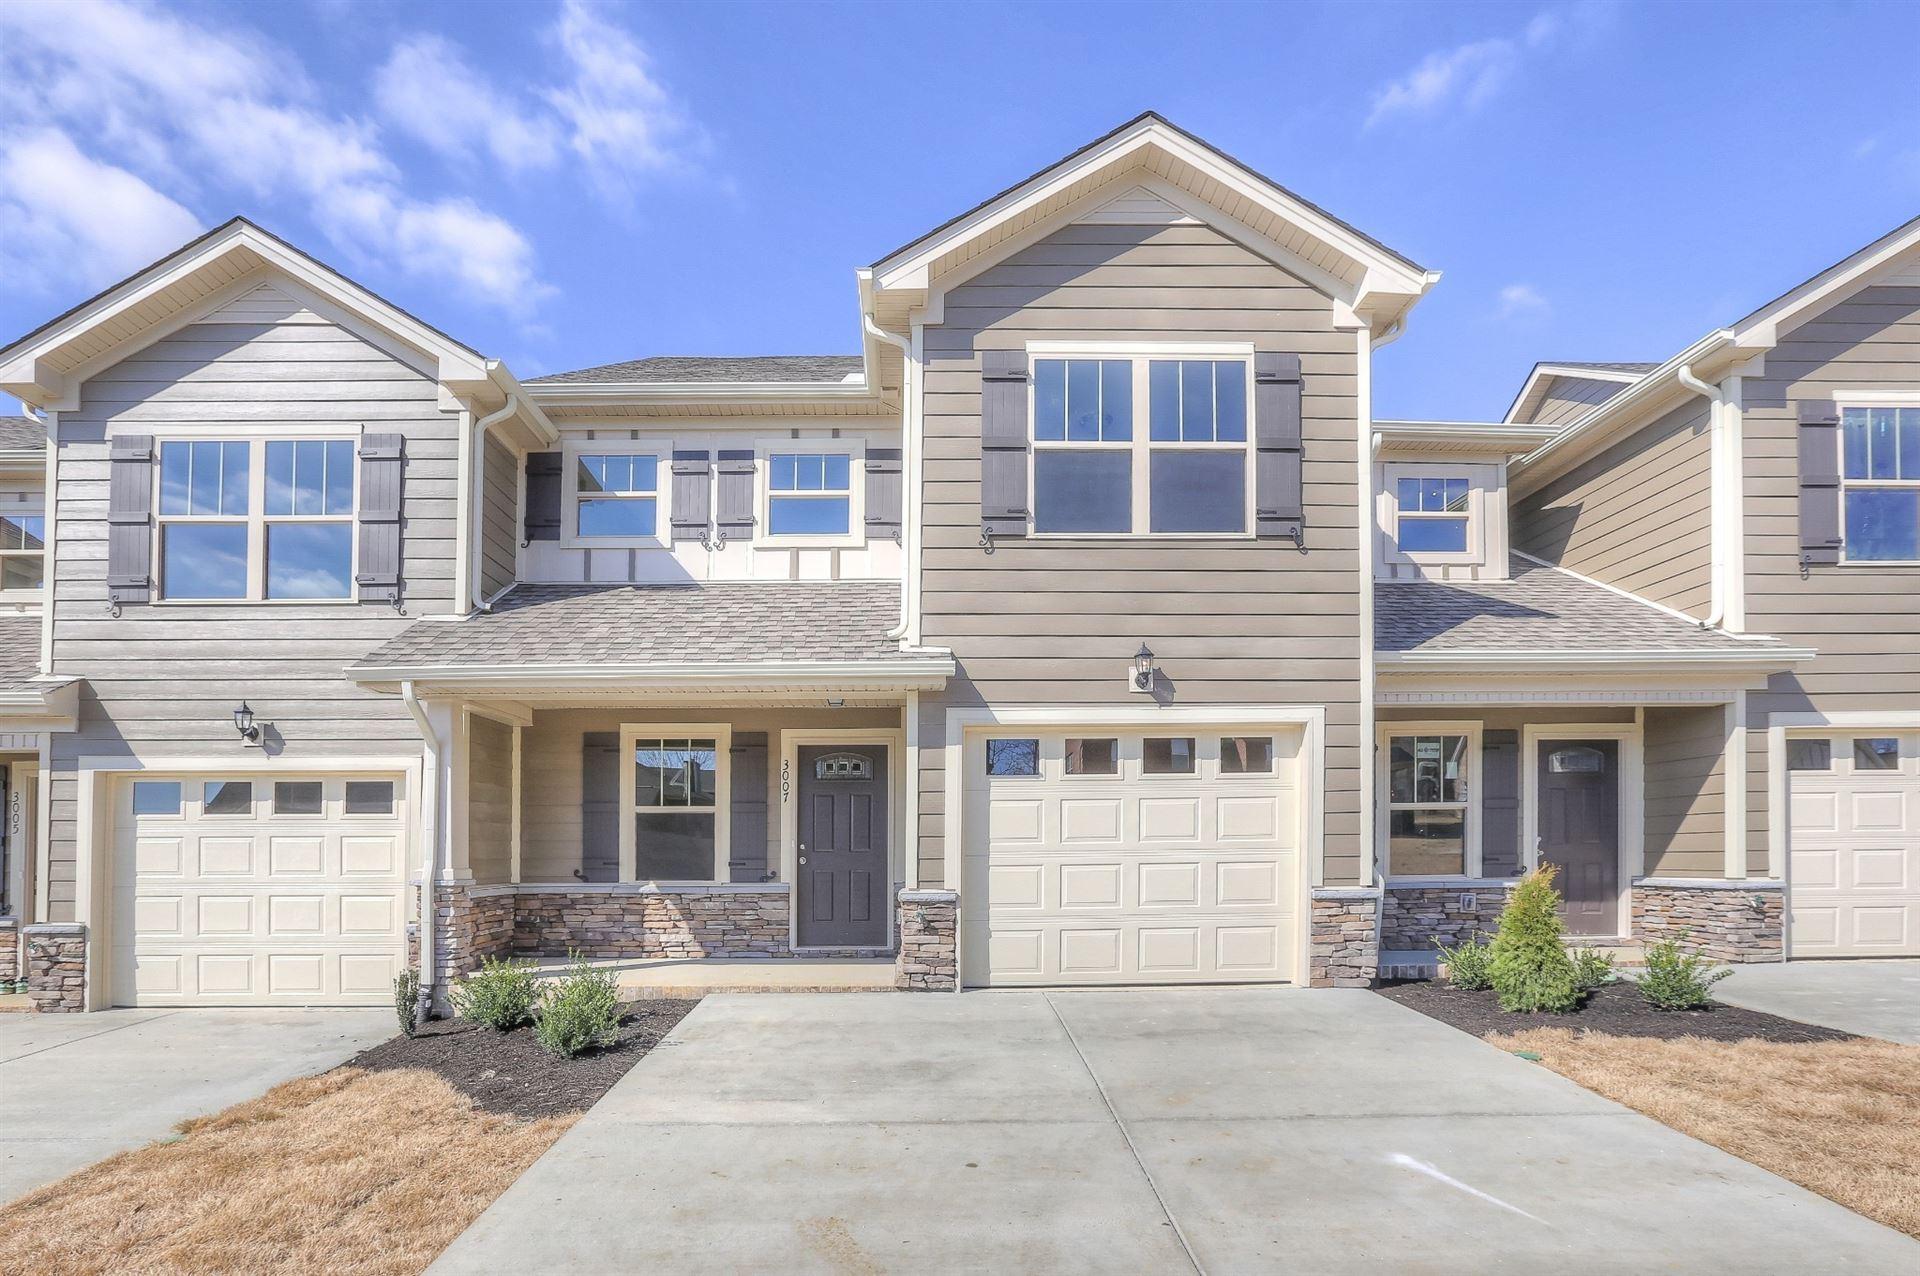 311 Mattie Lane Lot 41, Spring Hill, TN 37174 - MLS#: 2202100